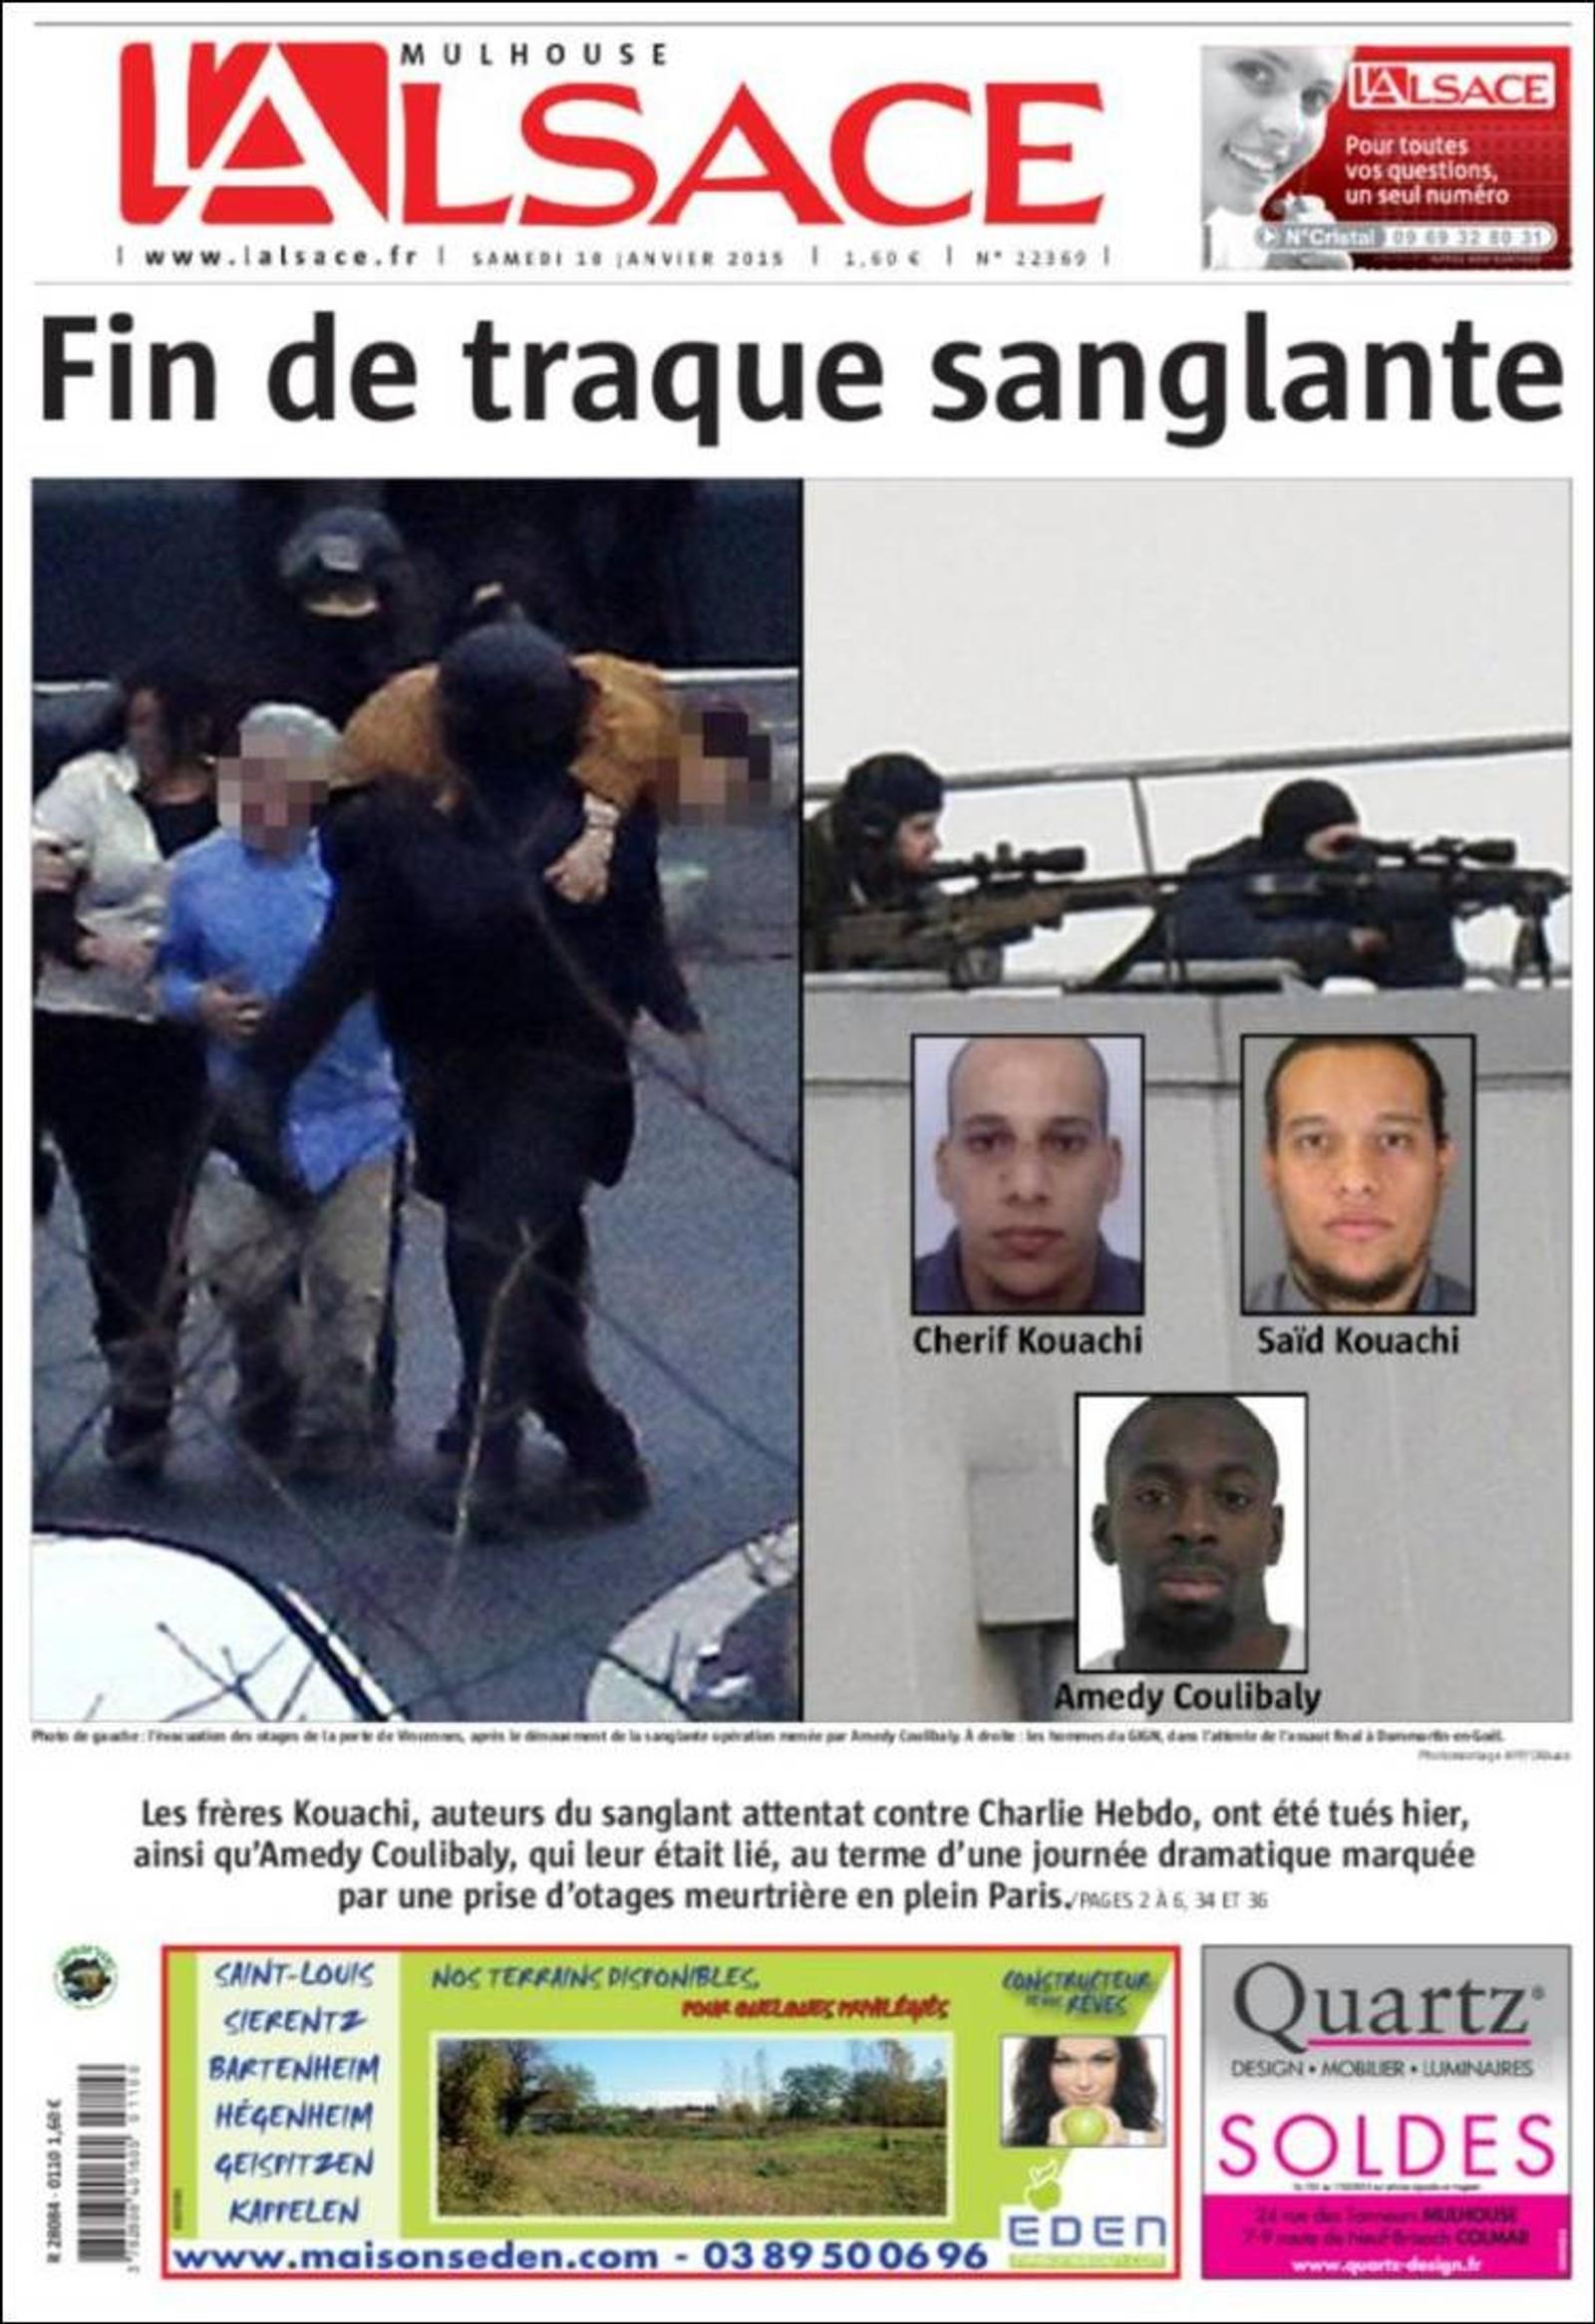 L'Alsace: Slutten på den blodige klappjakten.